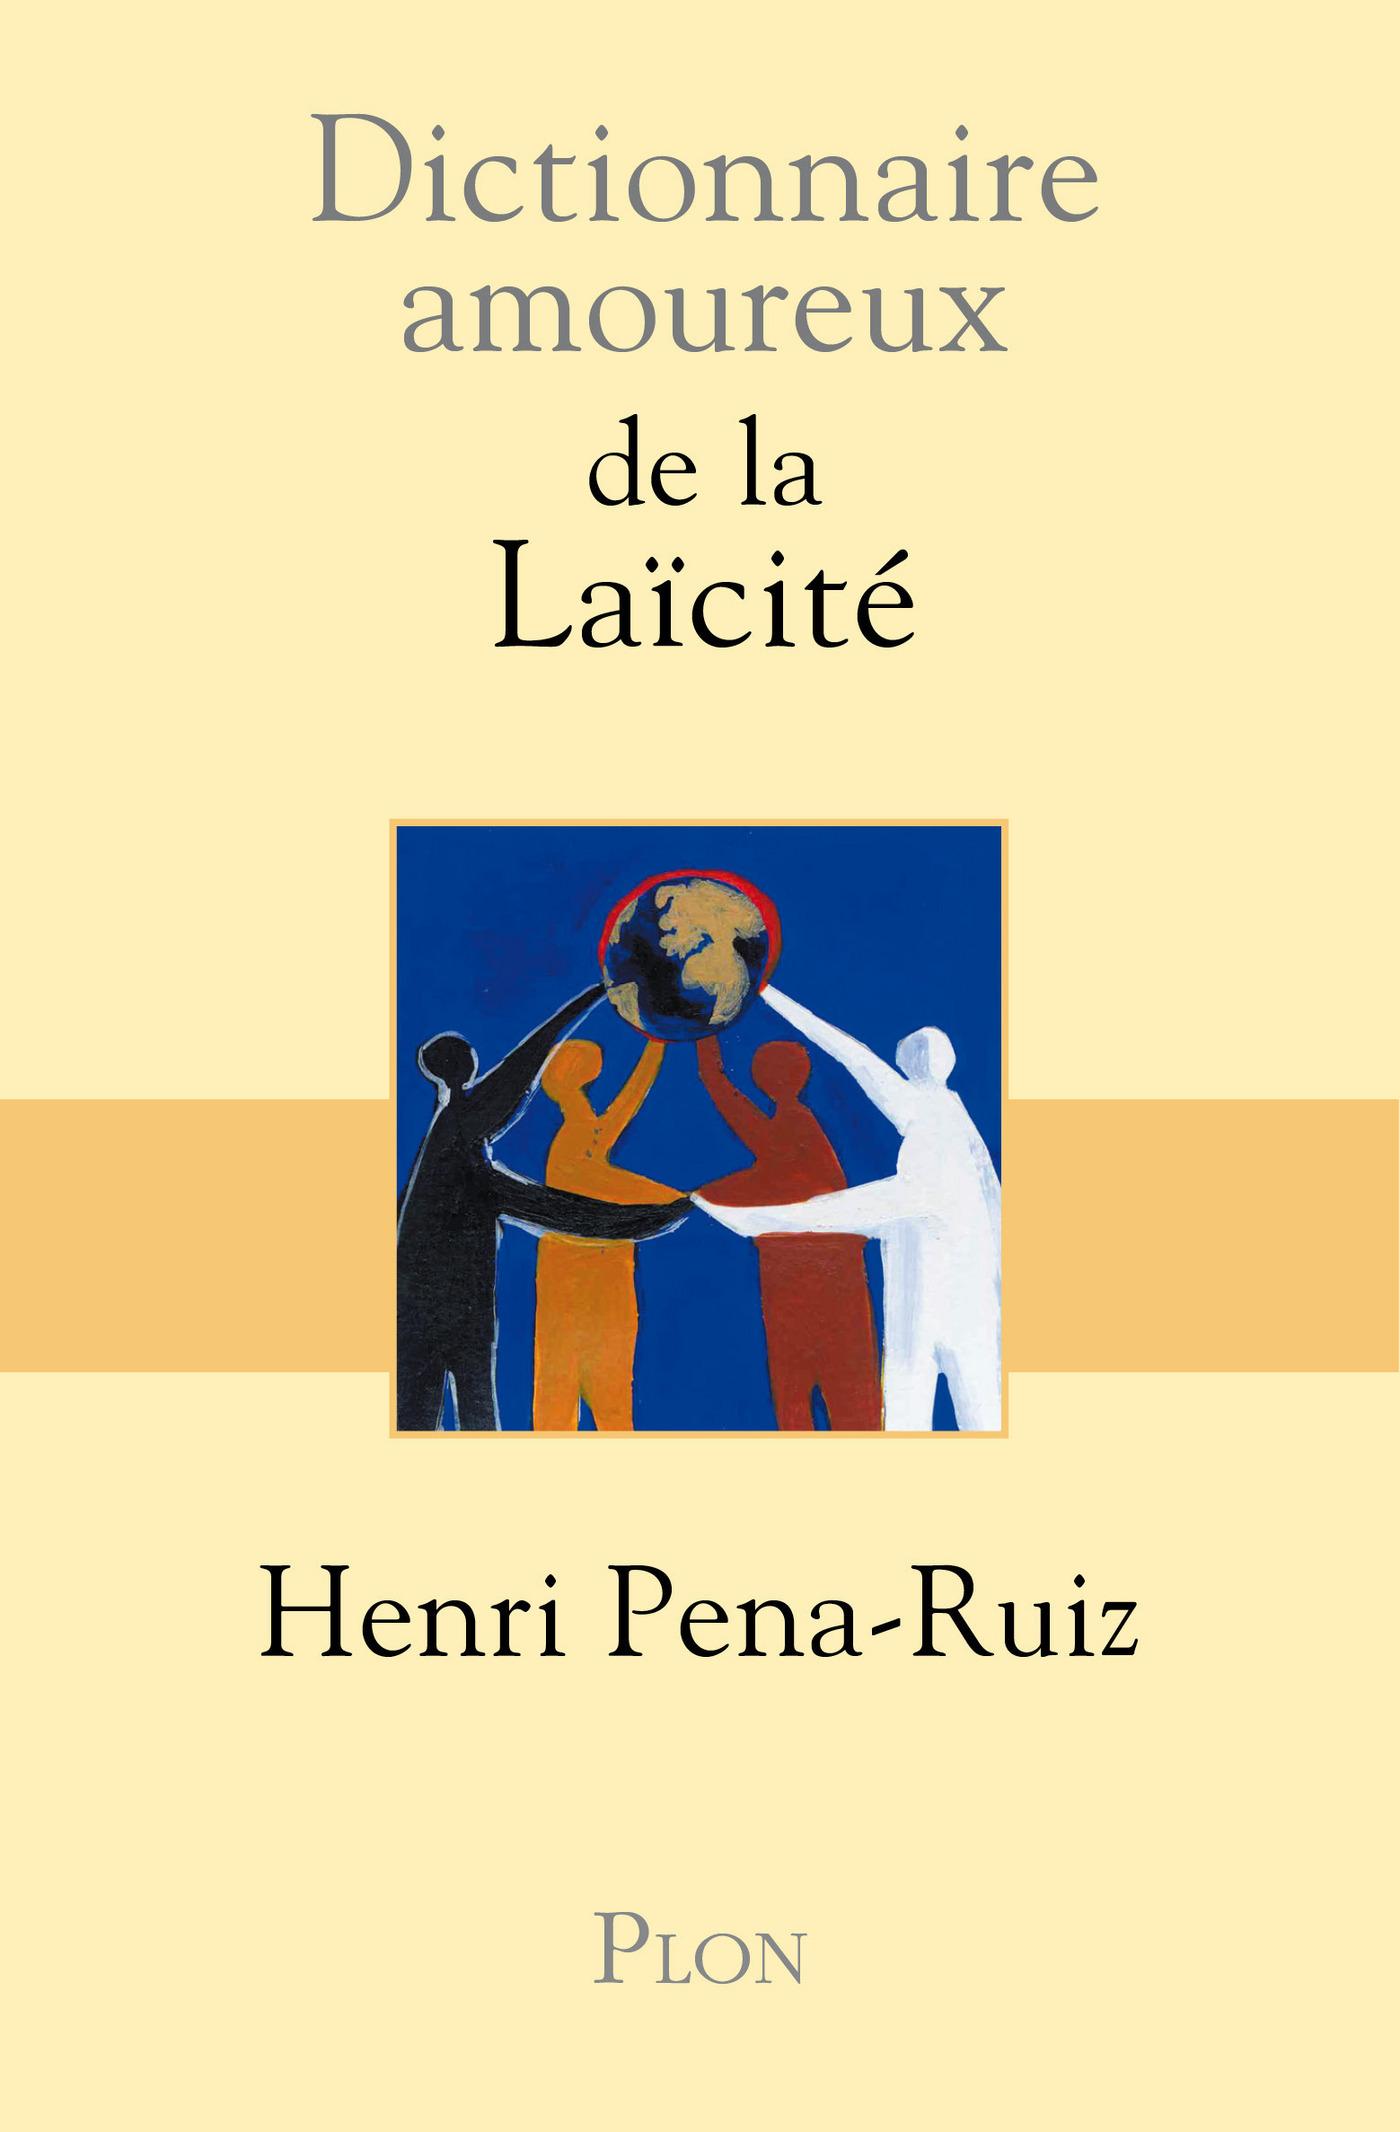 Dictionnaire amoureux de la Laïcité